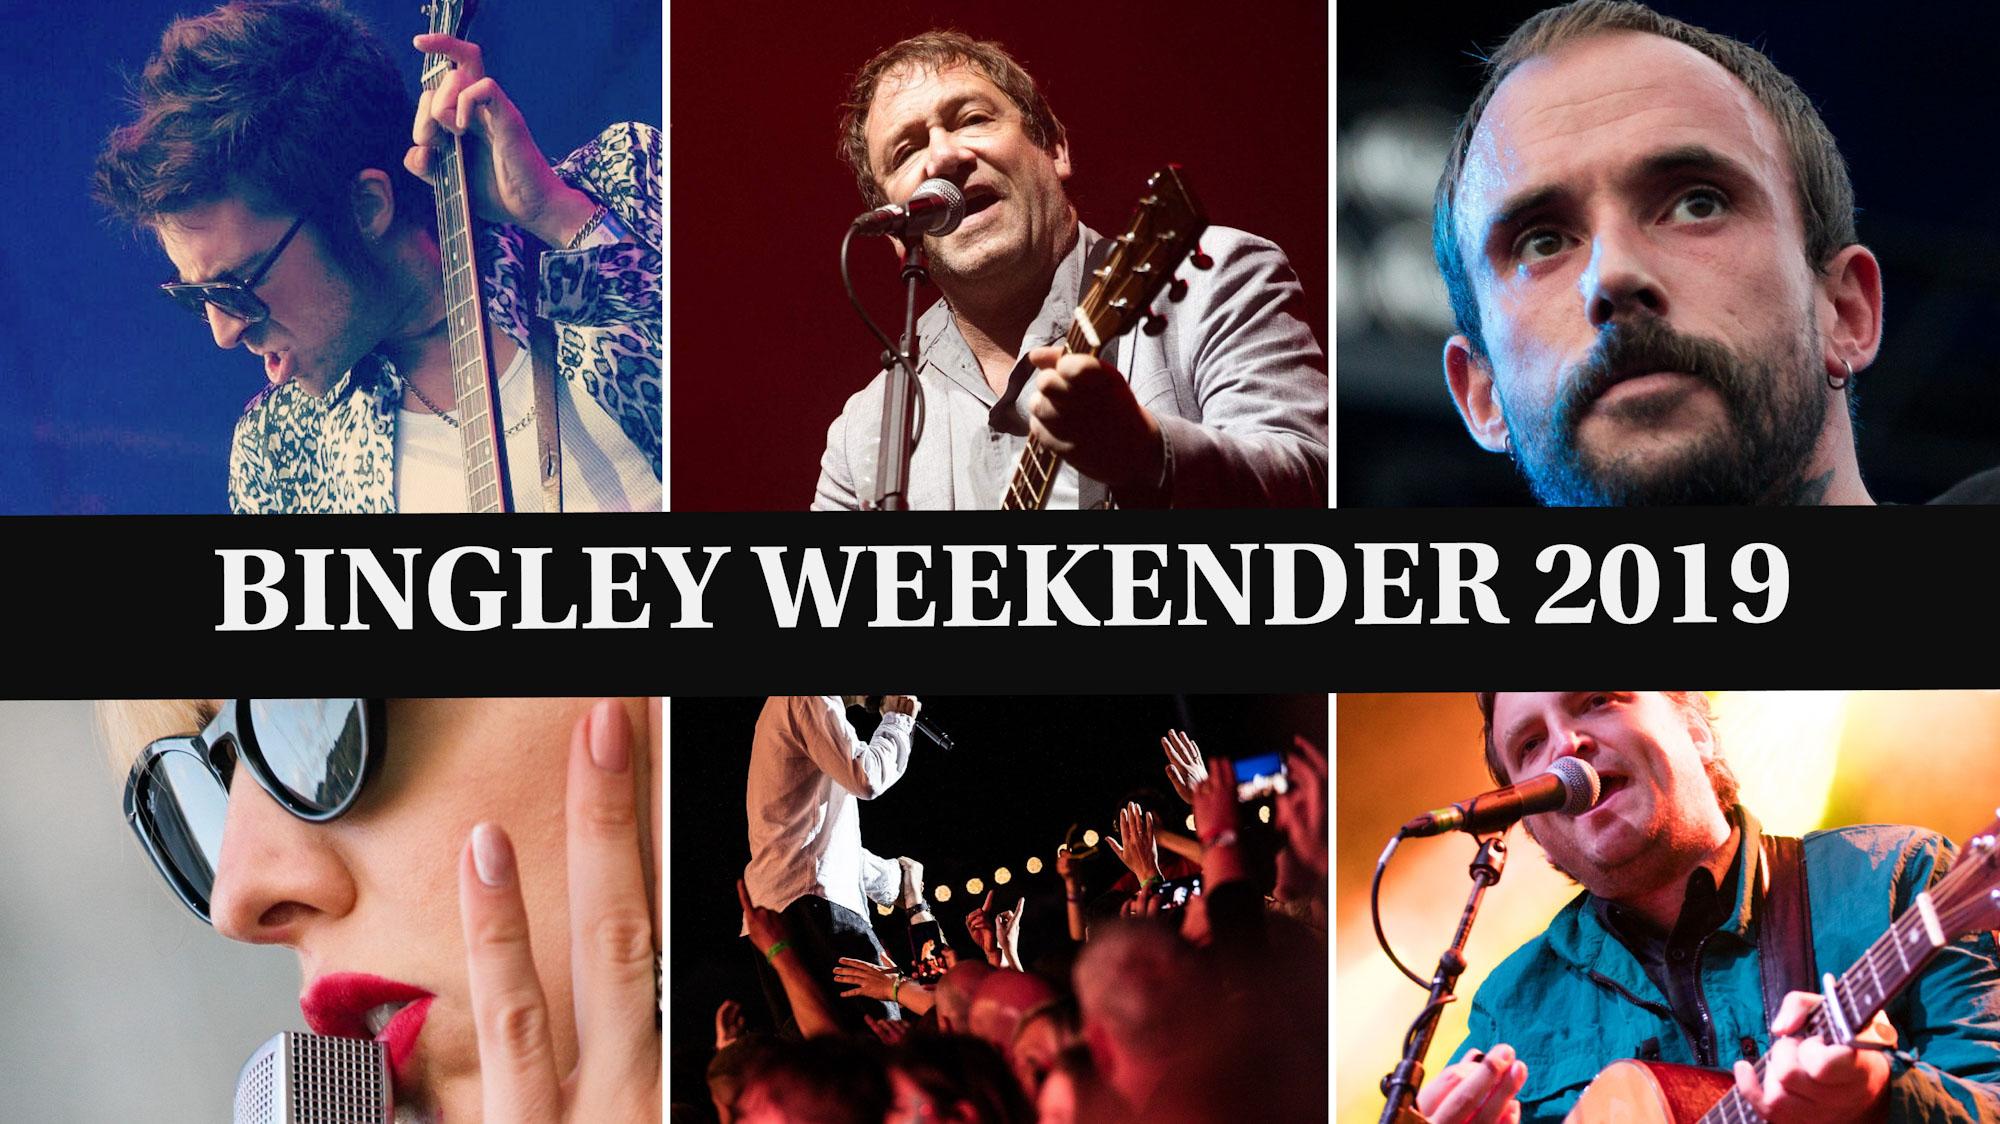 Bingley Weekender 2019 Review